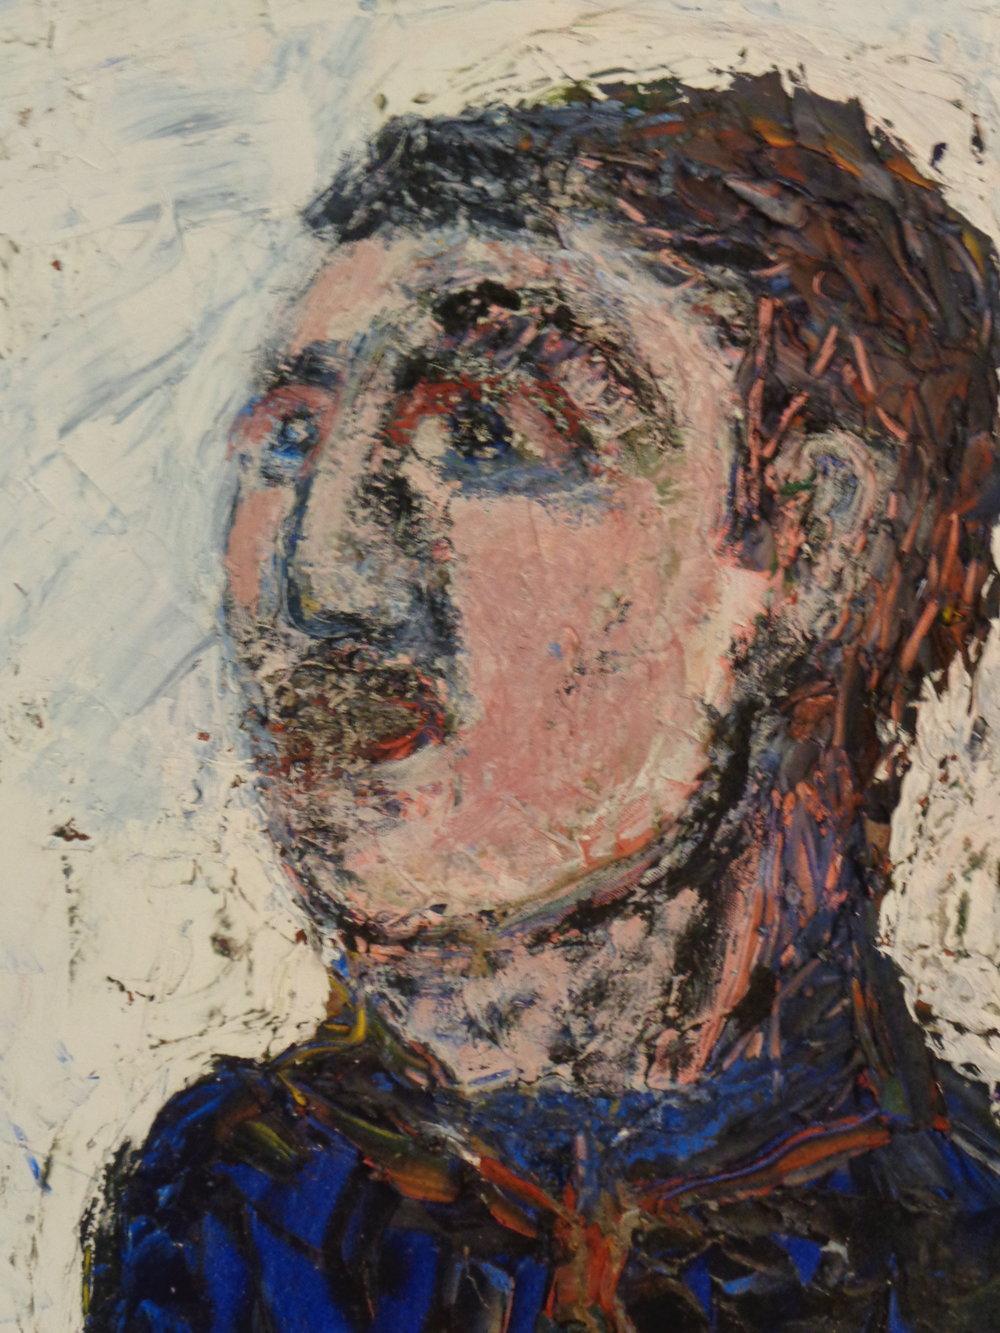 Enrique - oil on canvas 2017